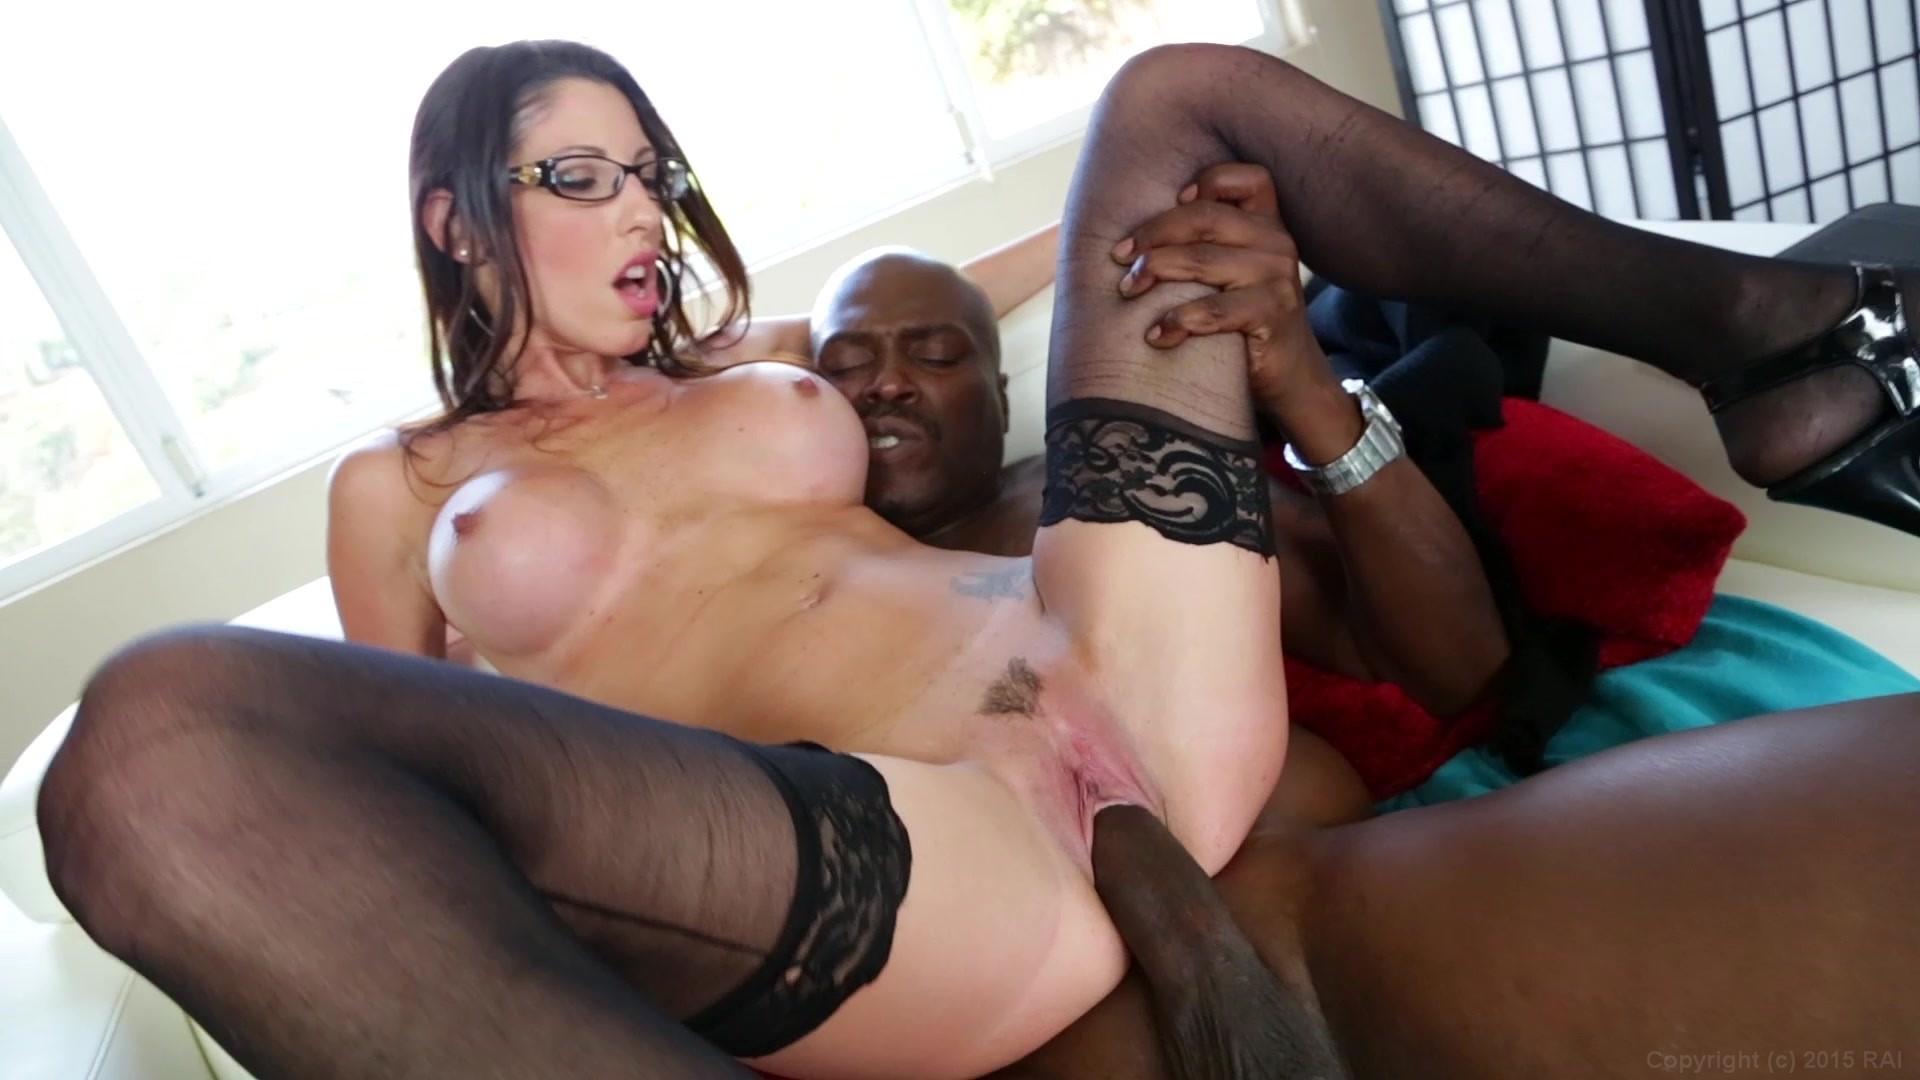 erotic female swinging pendulums